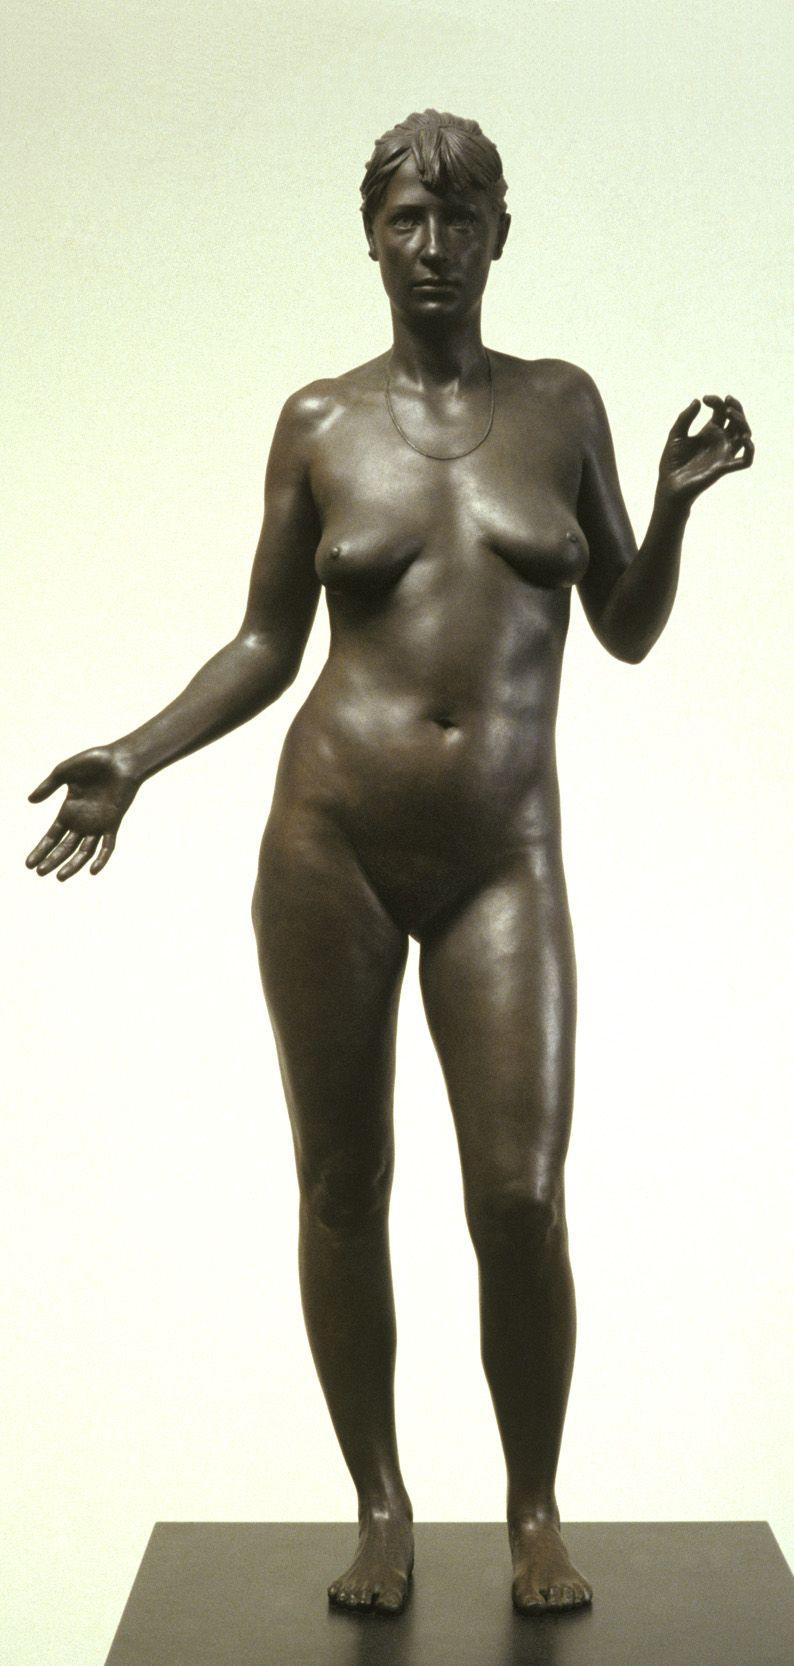 Sculpture - Isabel McIlvain | http://www.isabelmcilvain.com